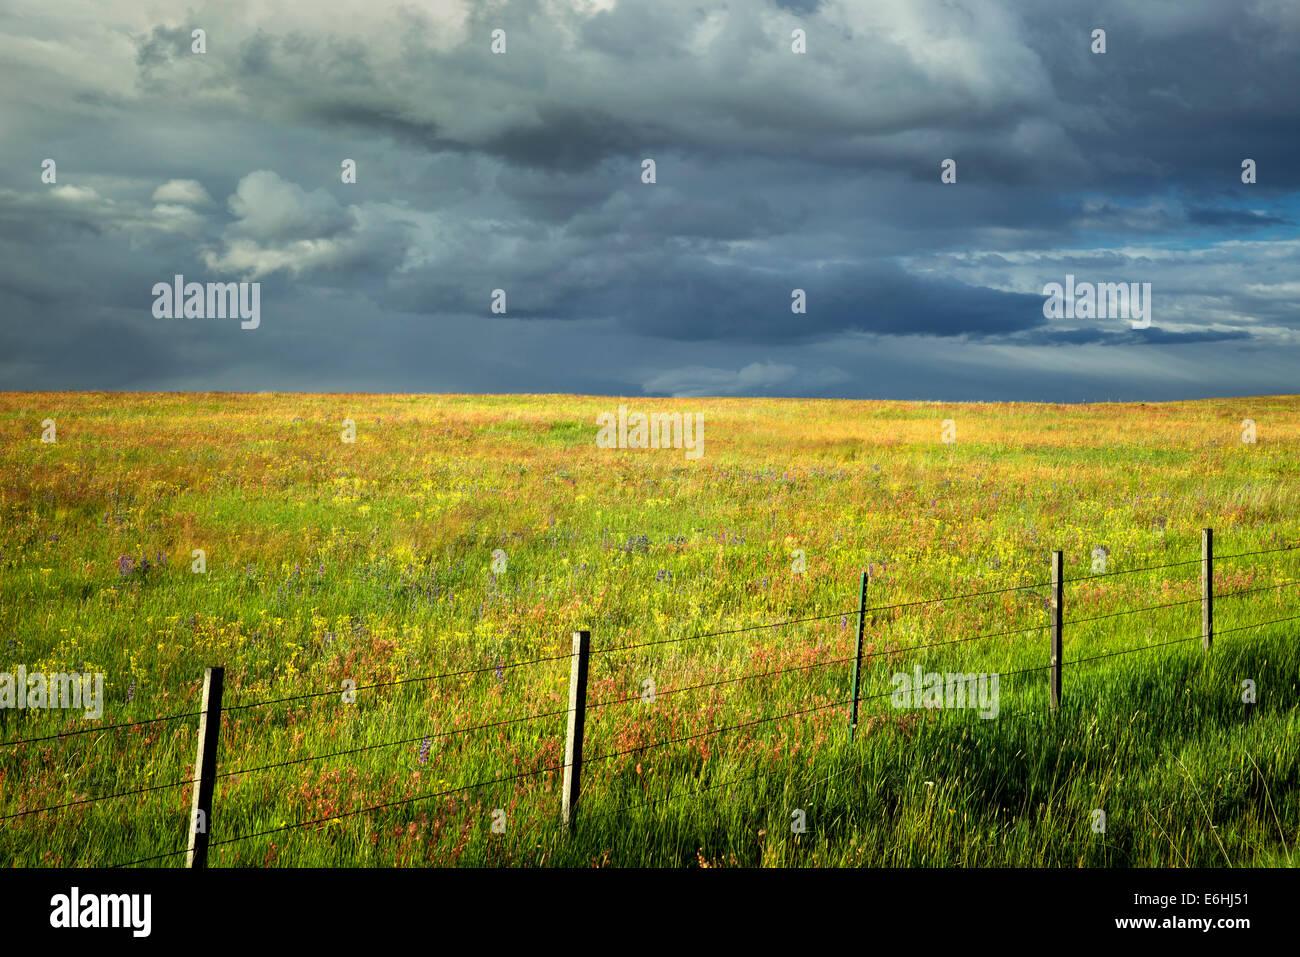 Zaun Gewitterwolken und Wildblumen. Zumwaly Prairie Preserve, Oregon Stockbild